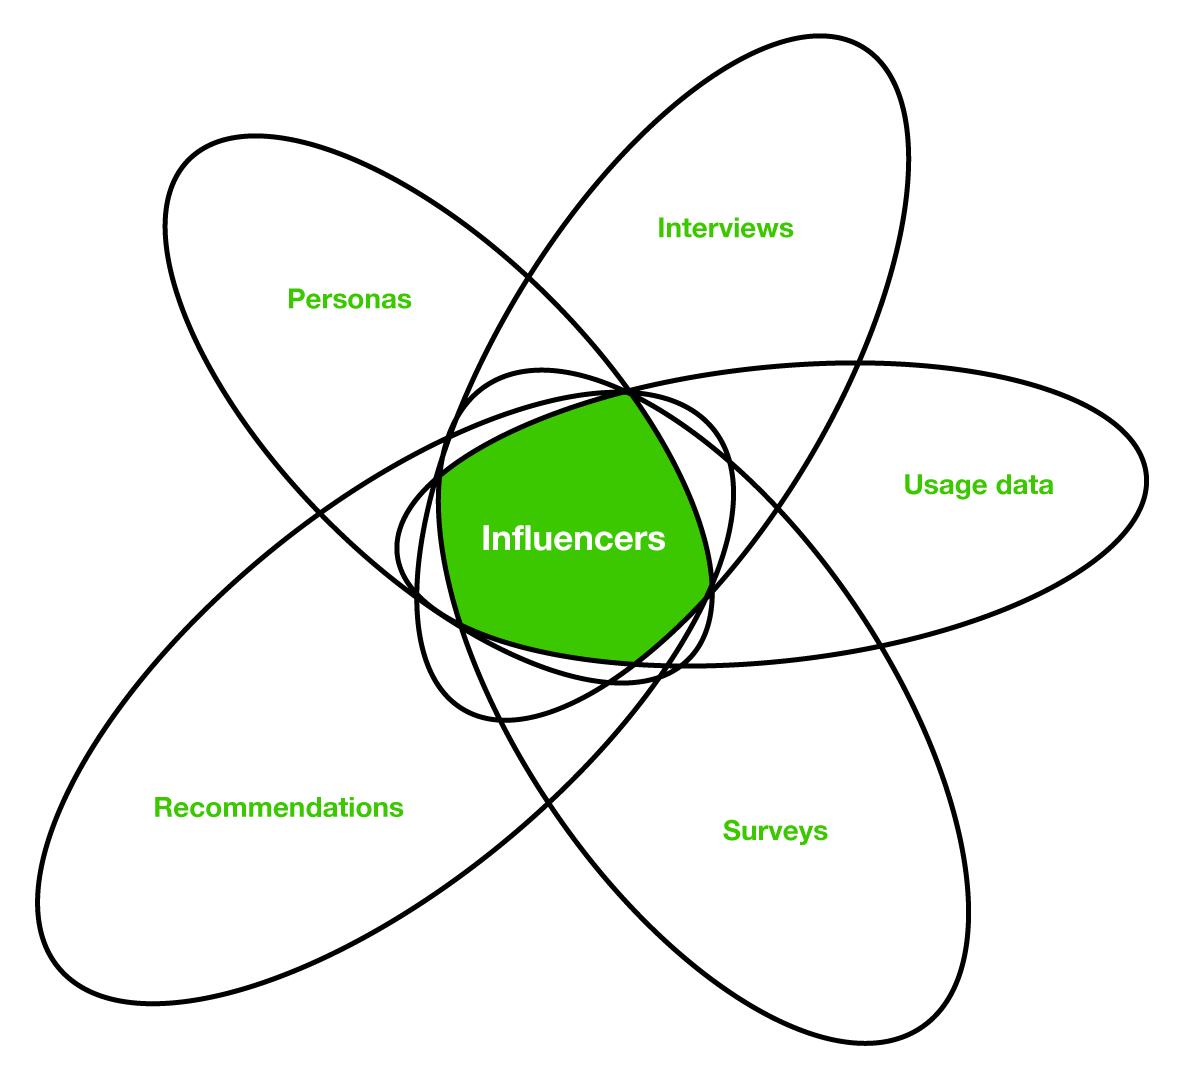 research_venn_diagram.png